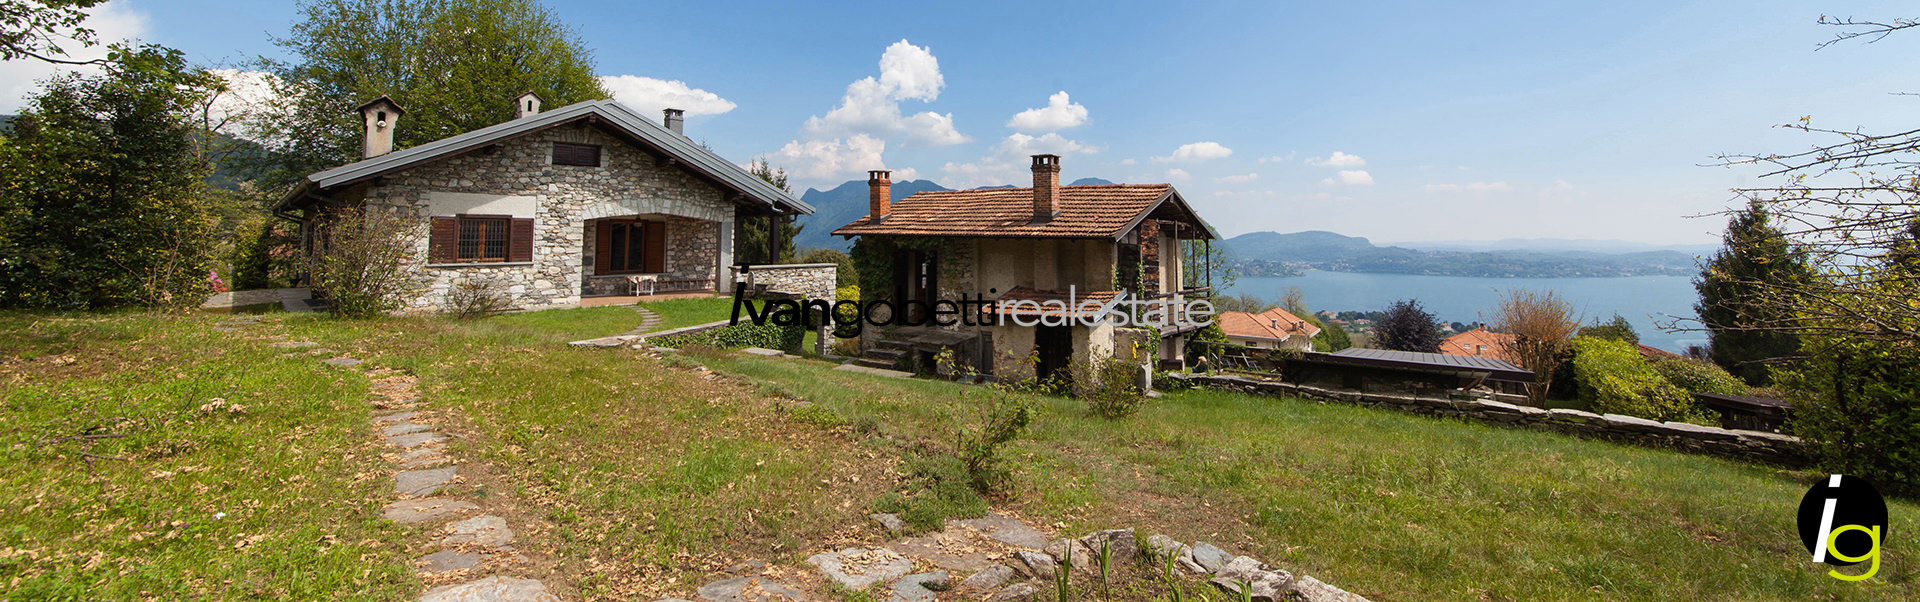 Steinvilla zu verkaufen mit Blick auf den Maggiore See, Verbania